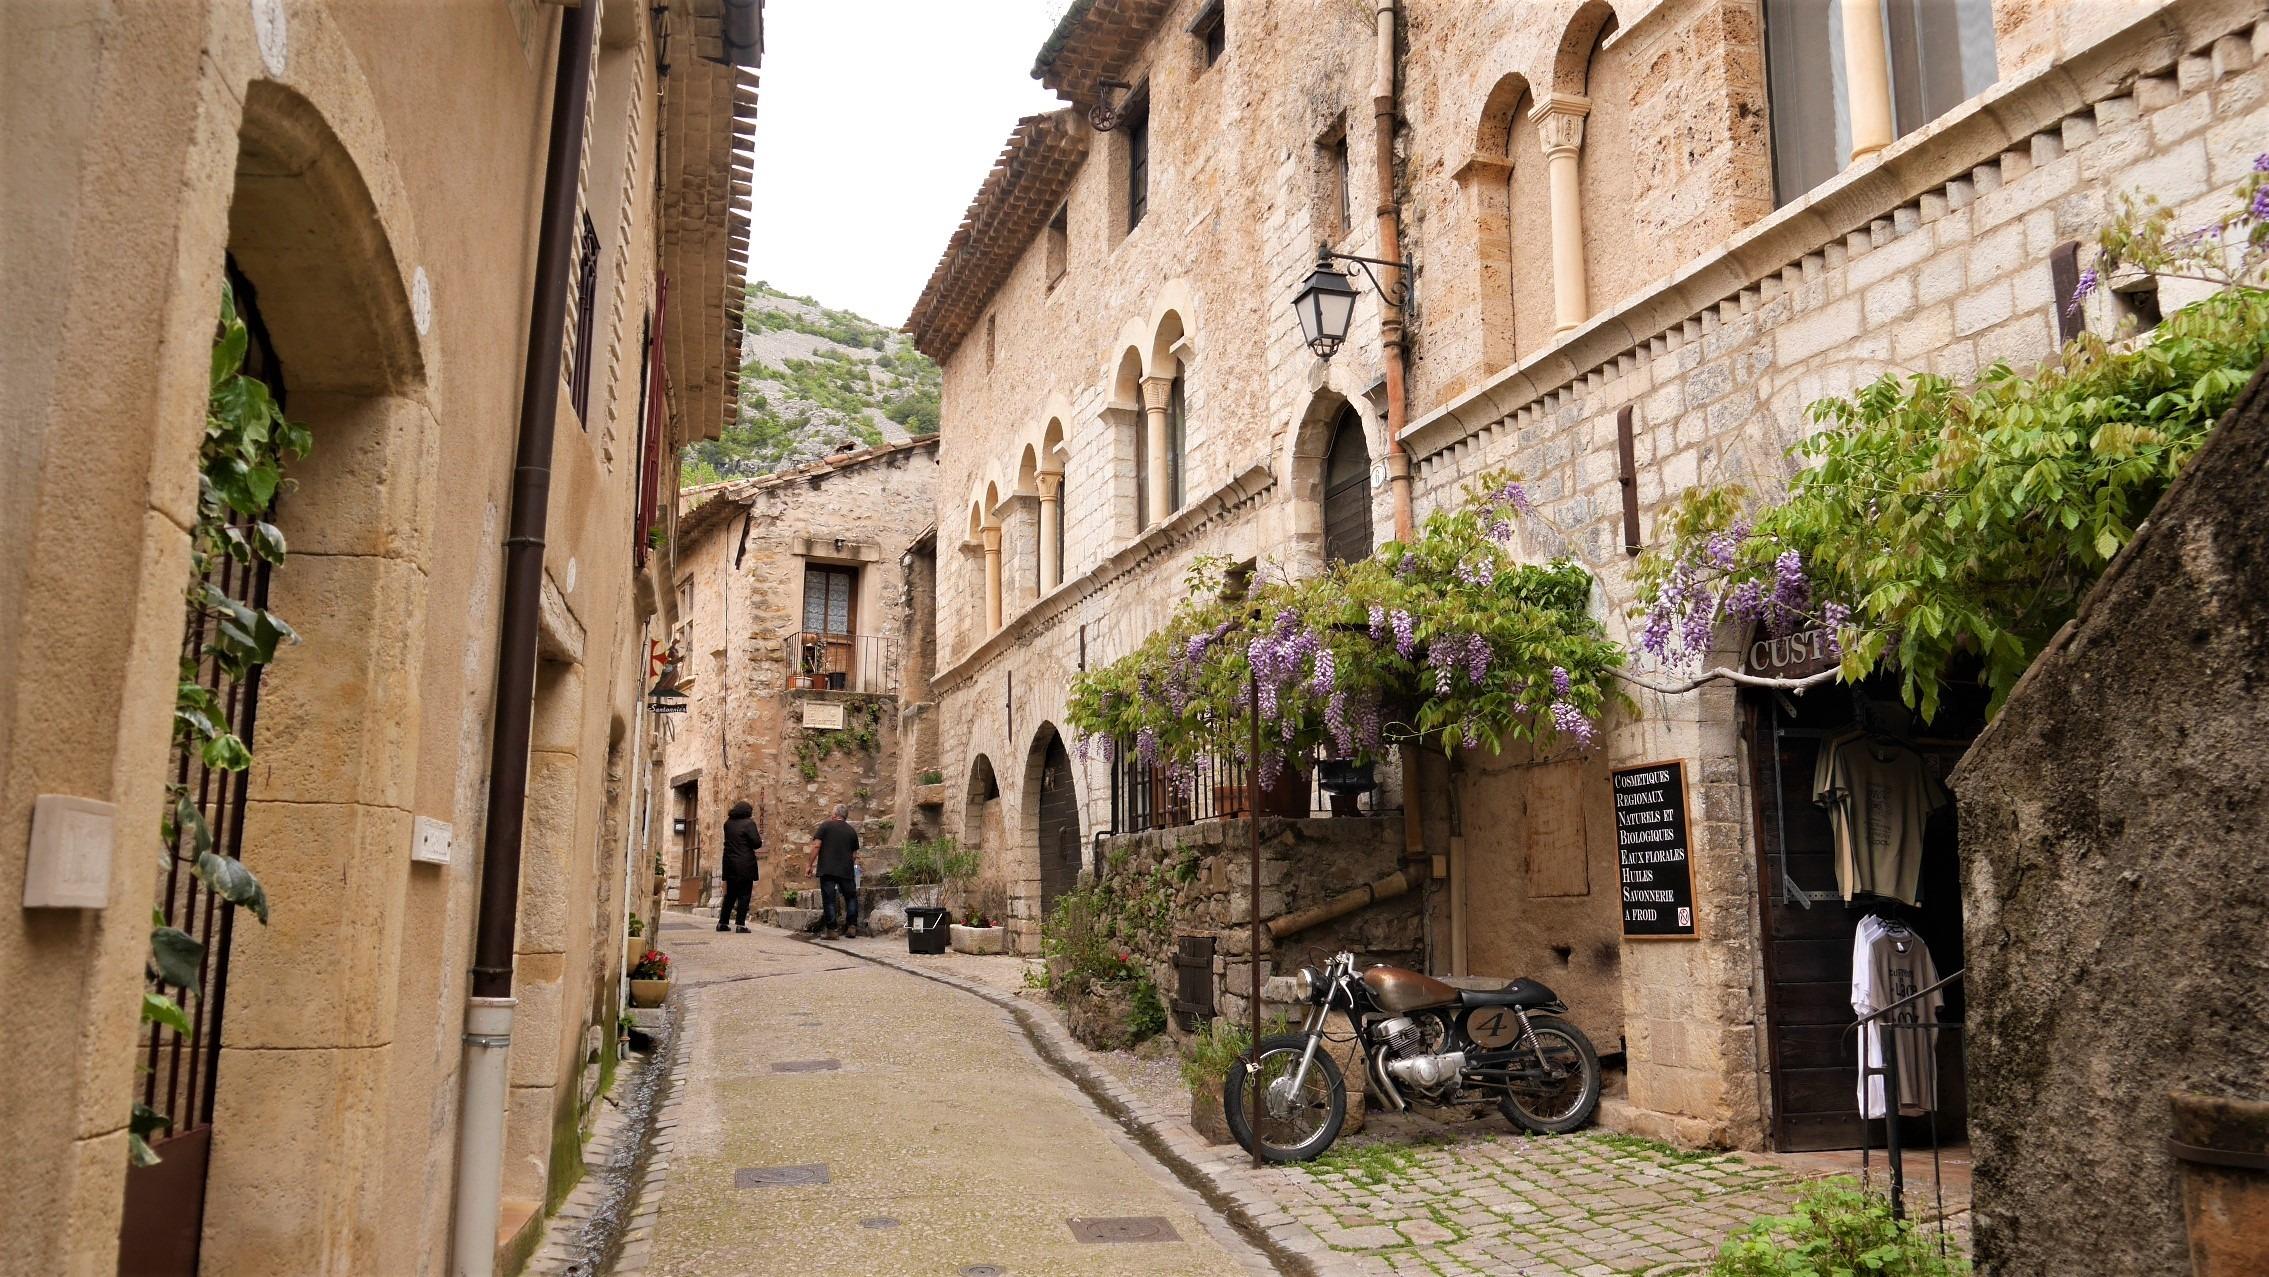 Saint-Guilhem le desert herault village prefere français blog voyage arpenter le chemin